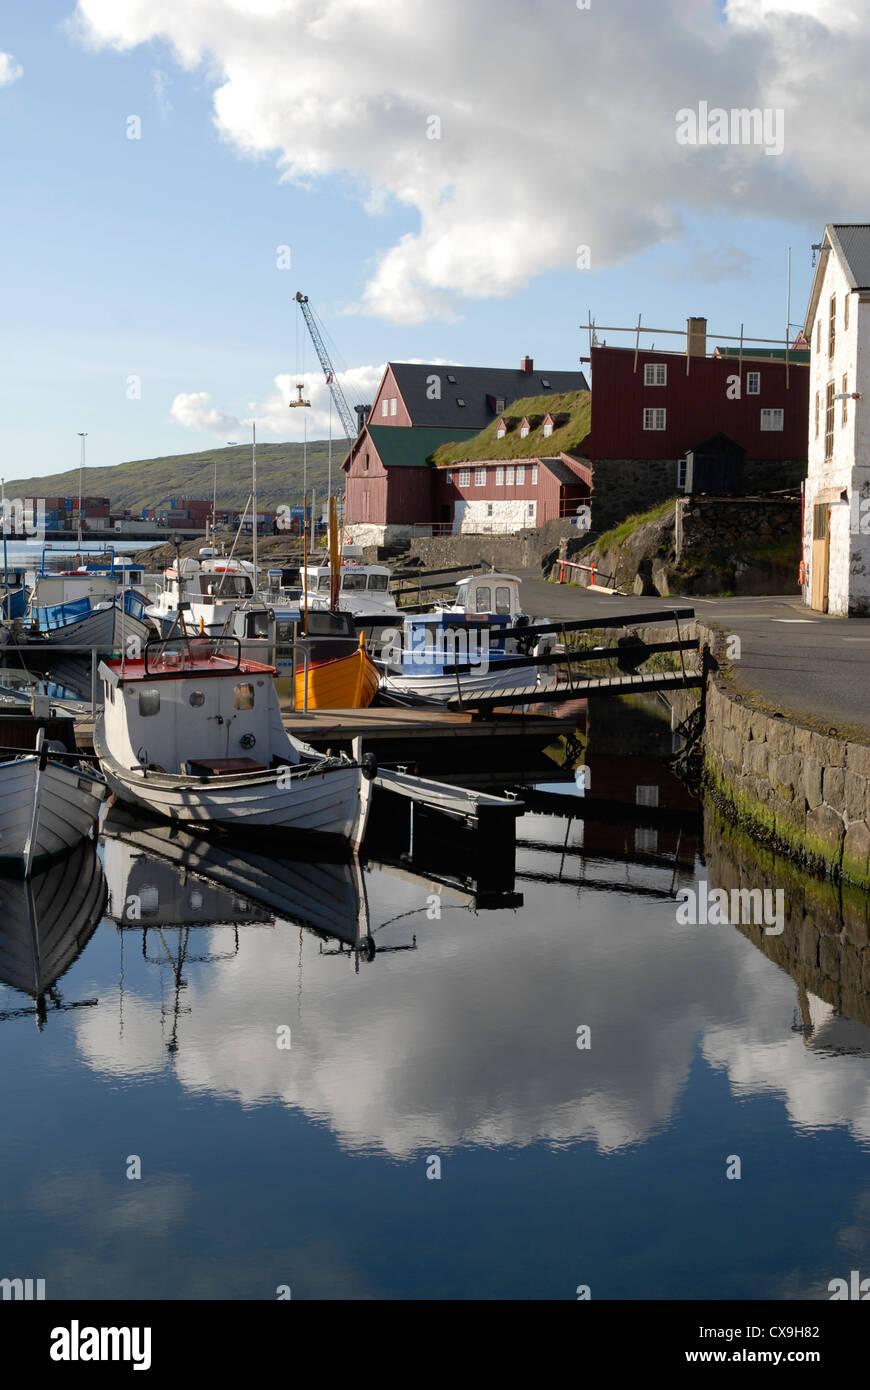 Hafen und die Halbinsel Tinganes Tórshavn, Färöer Inseln Stockfoto